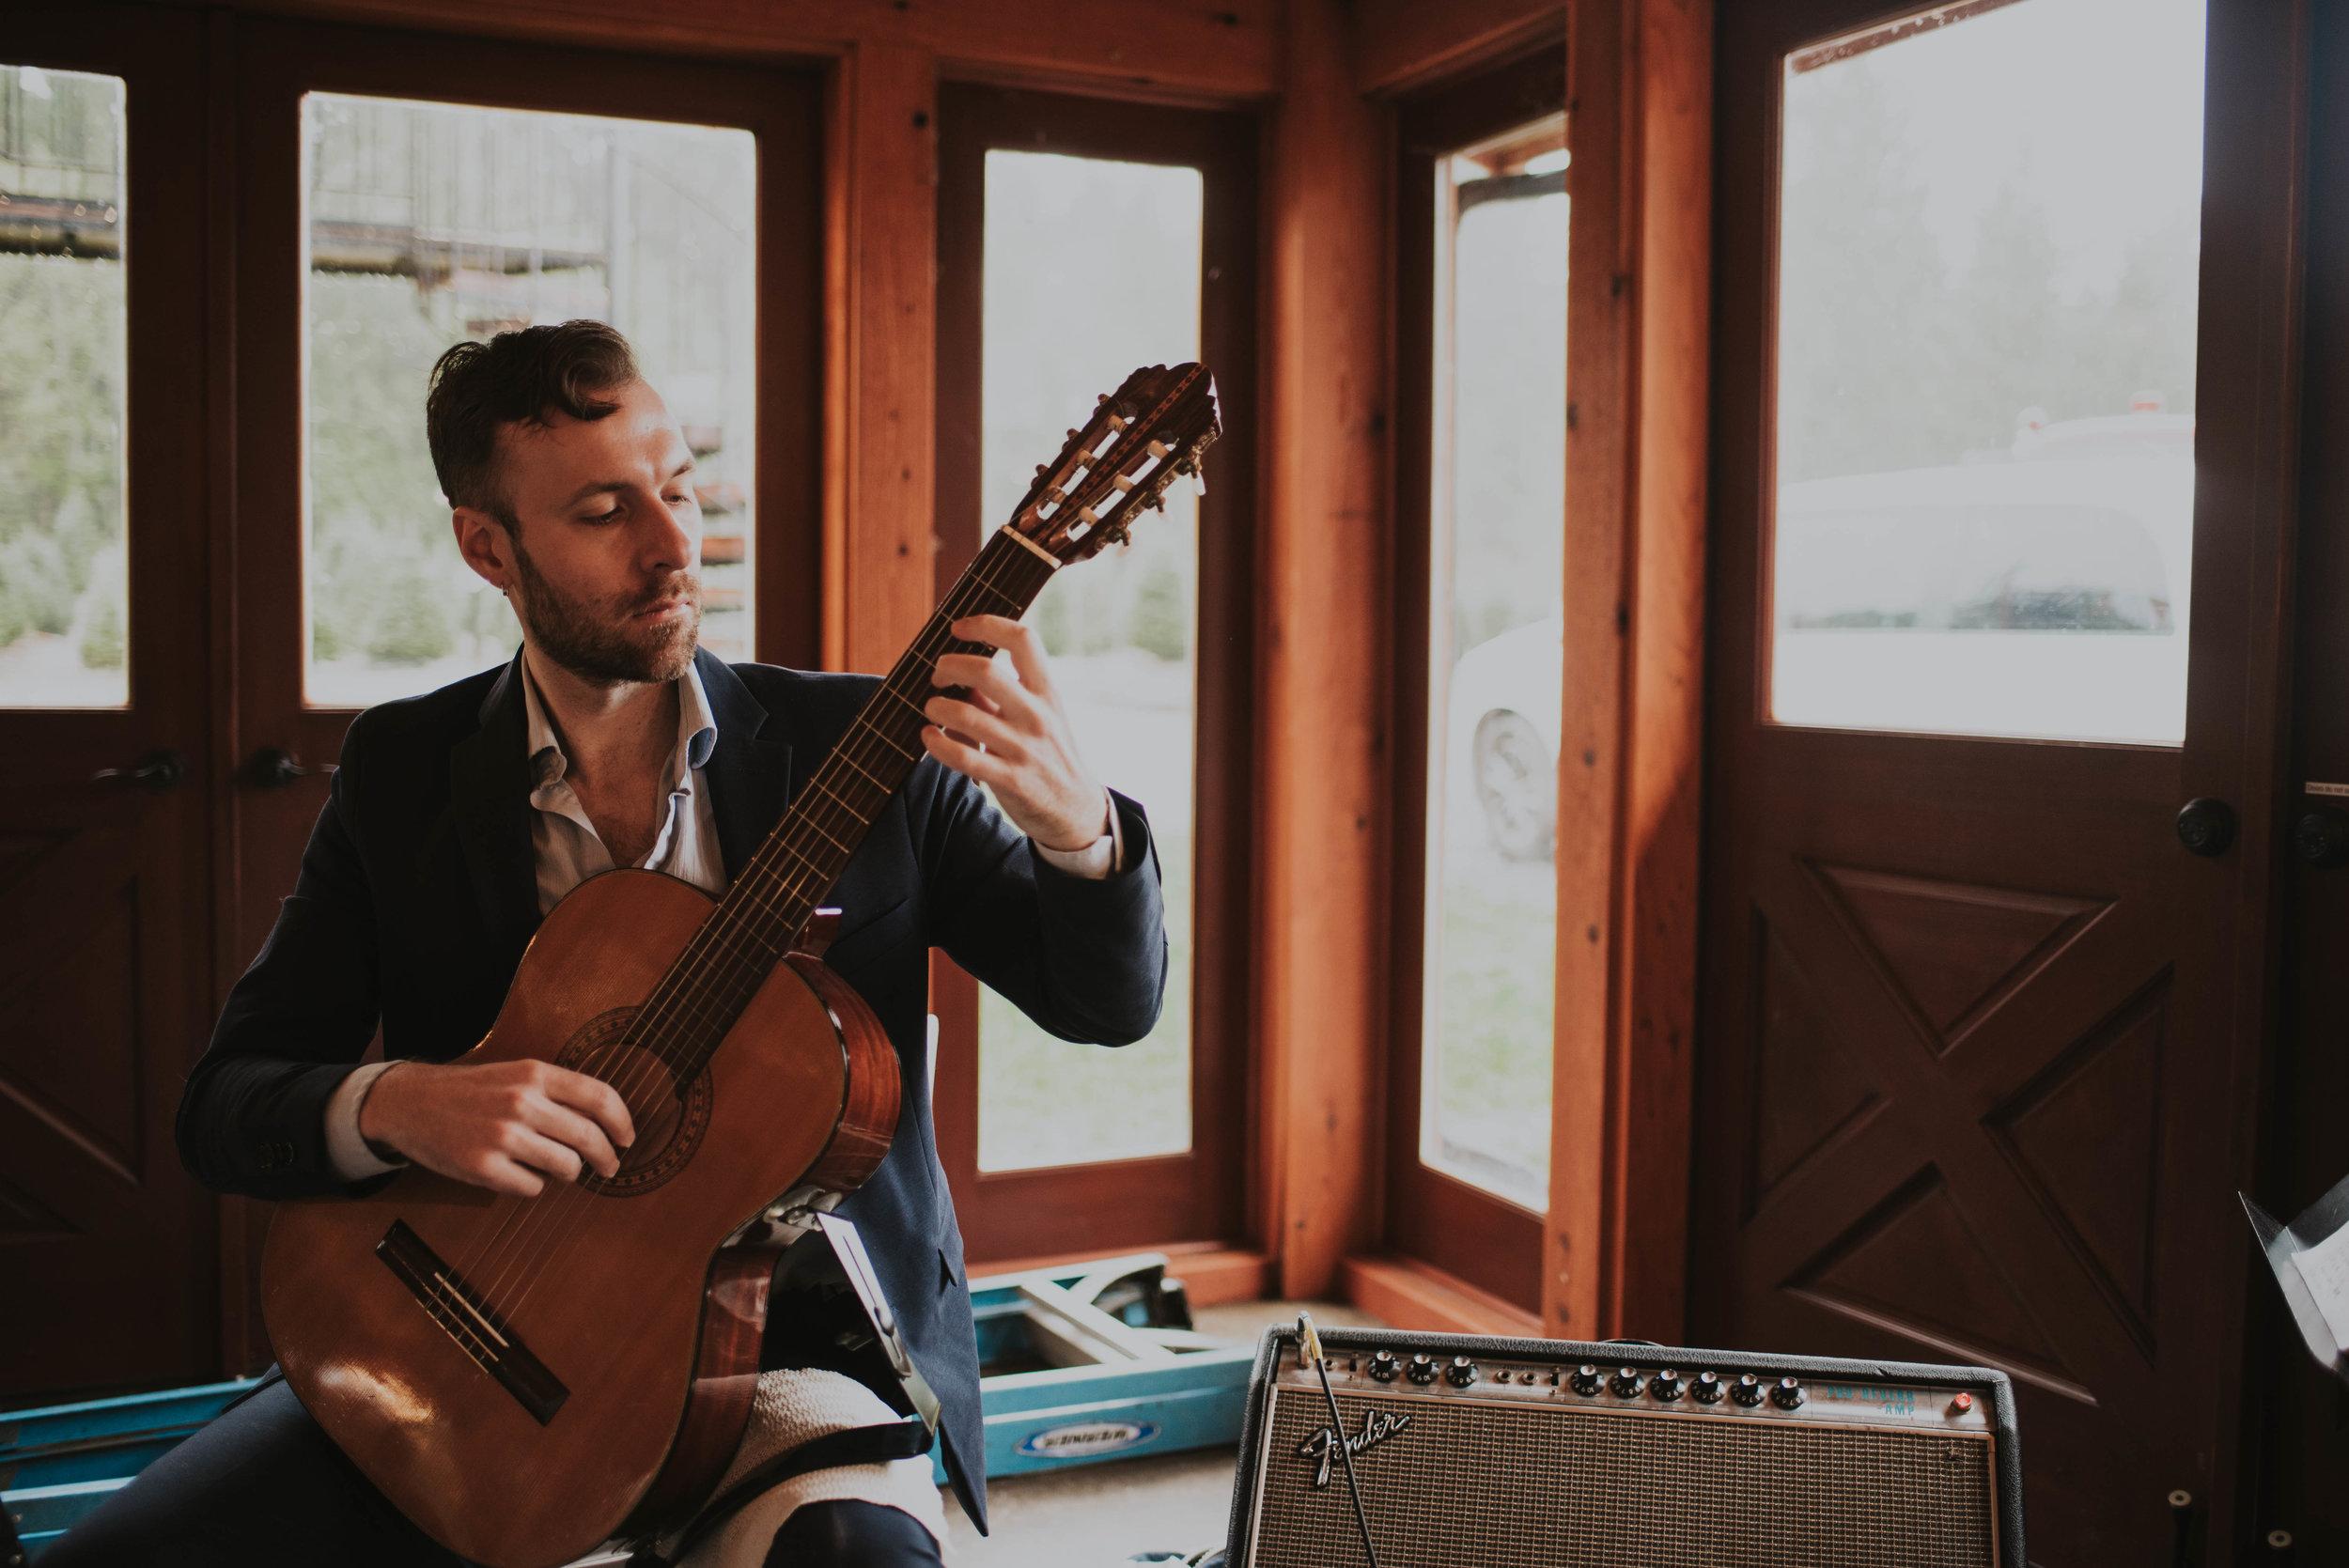 Jared Borkowski playing classical guitar